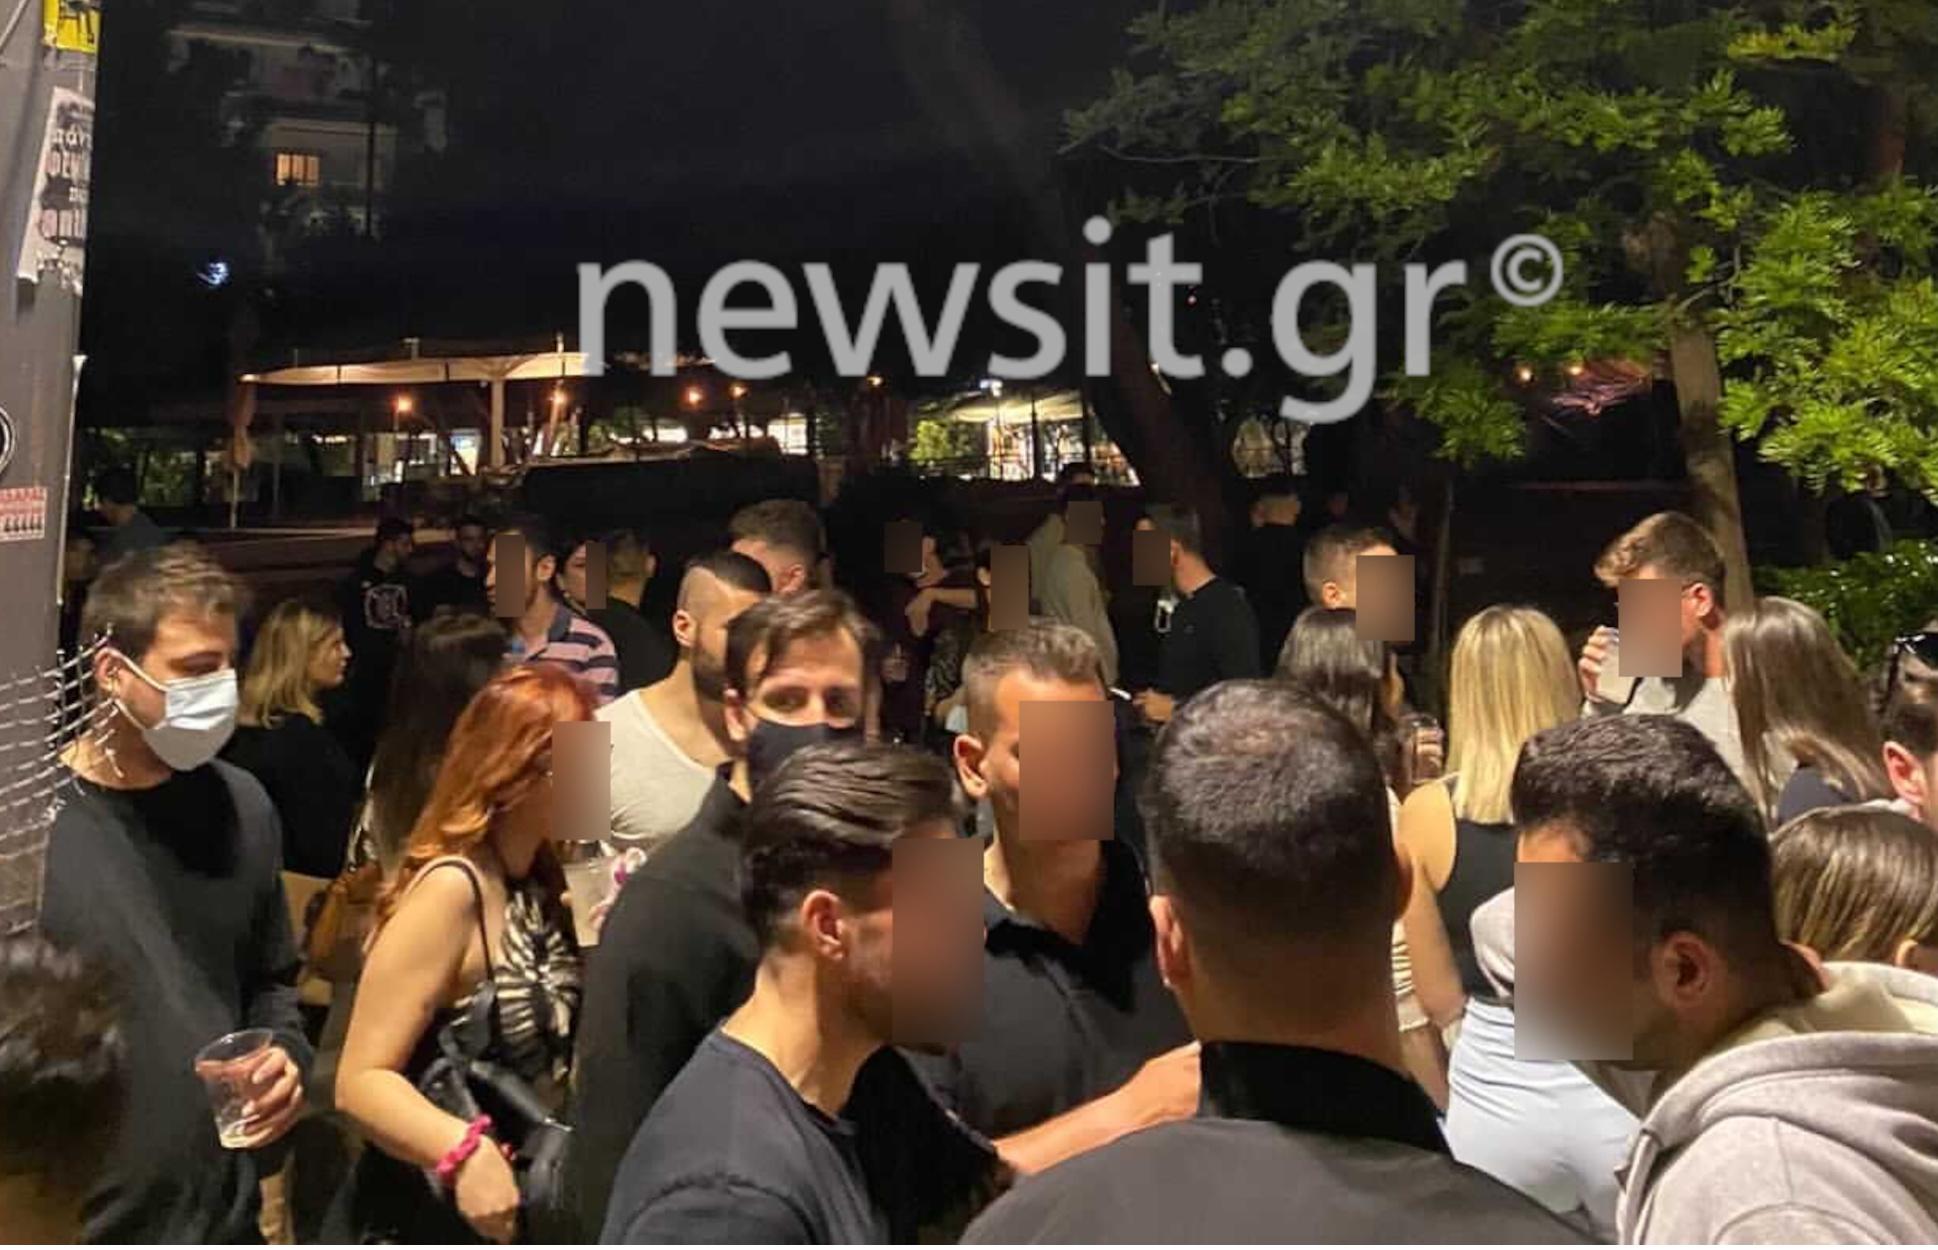 Νέα Σμύρνη: Ποτάρες και μεγάλος συνωστισμός χωρίς μάσκες στην πλατεία (pics, video)